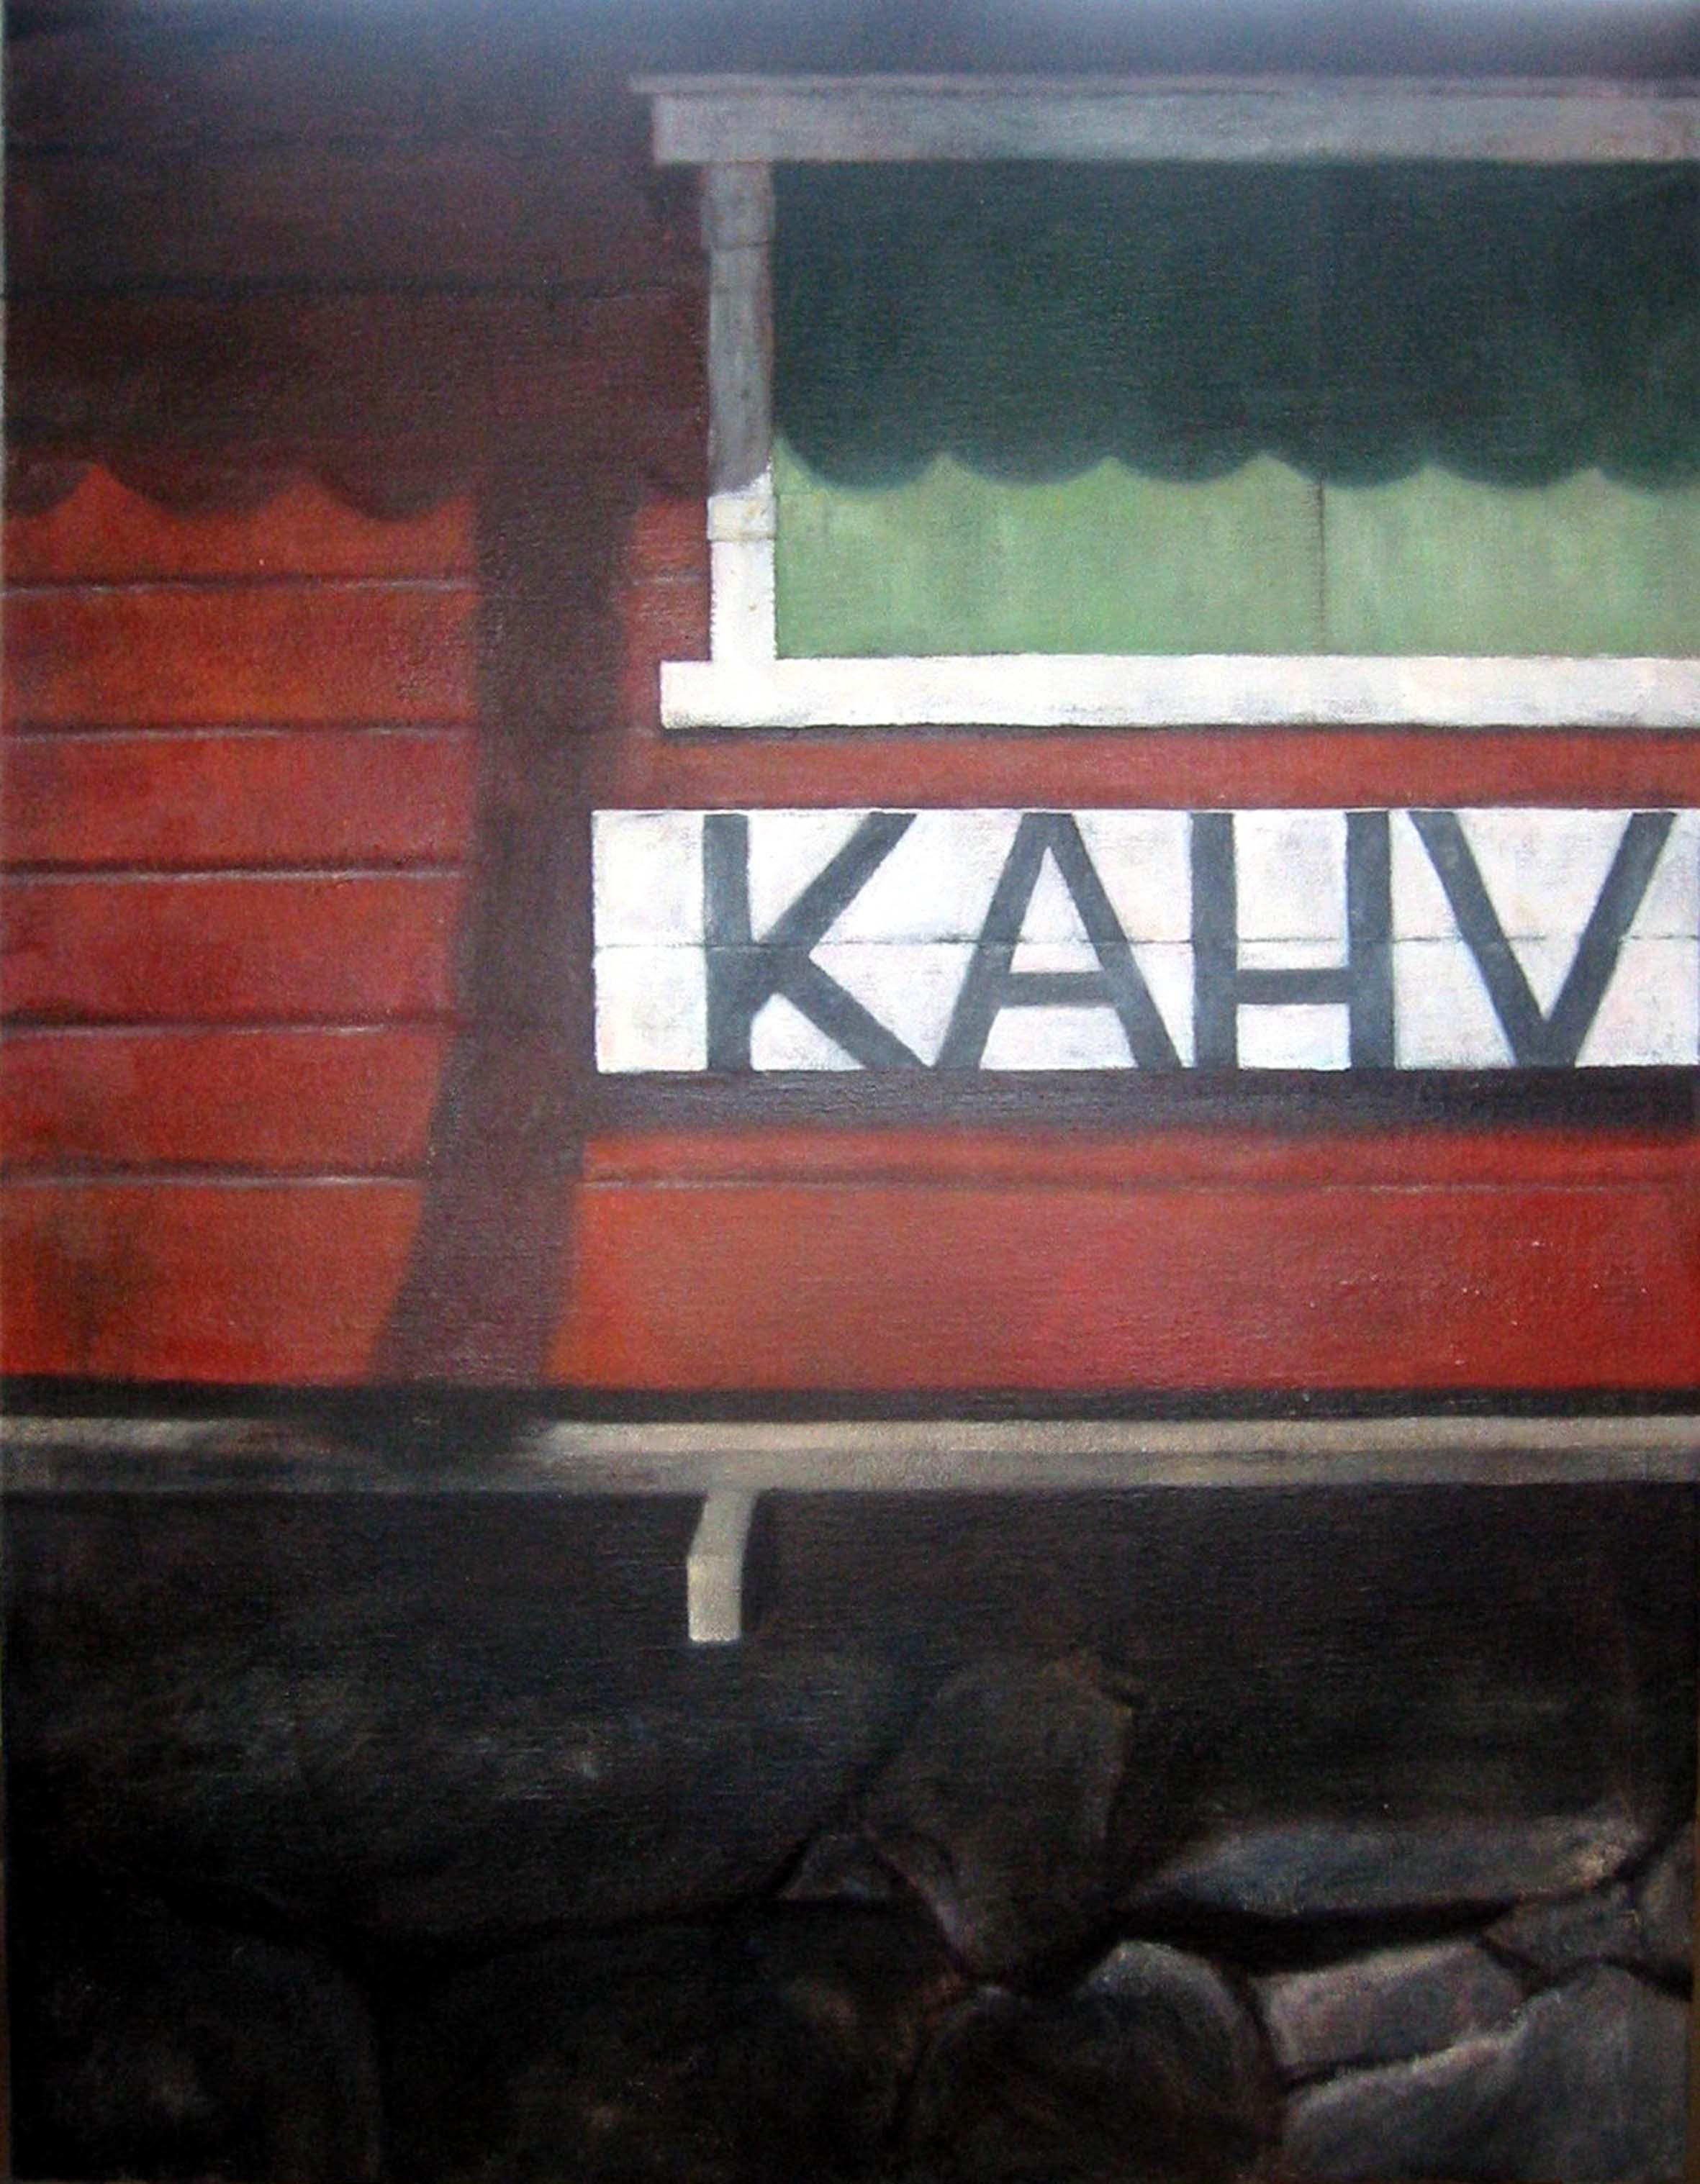 Exterior from café   Oil on canvas   130 x 100 cm 2005